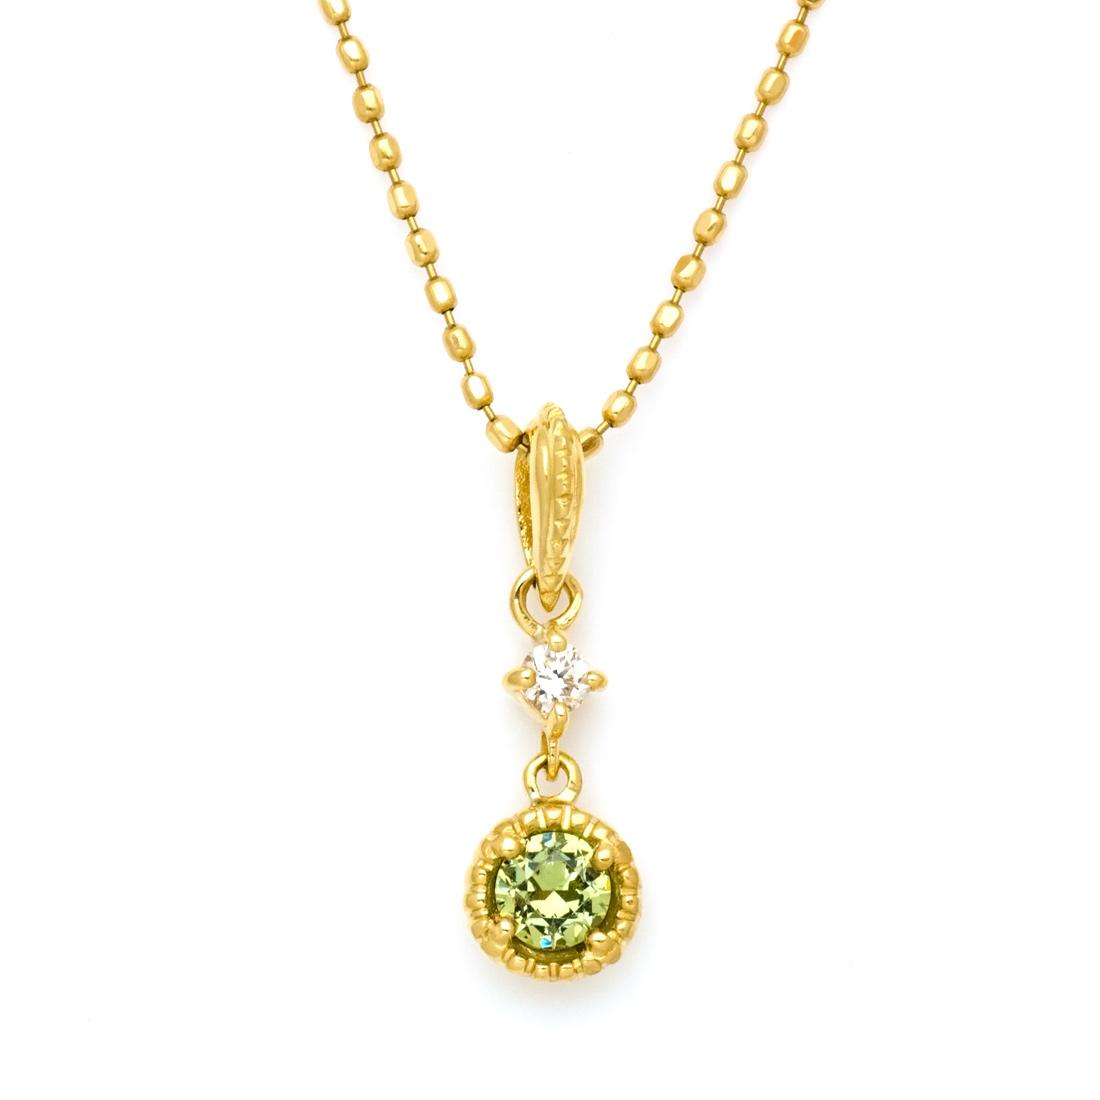 【新作お試し価格】ペンダントトップ デマントイドガーネット ダイヤモンド ゴールド K18 「cangiare」